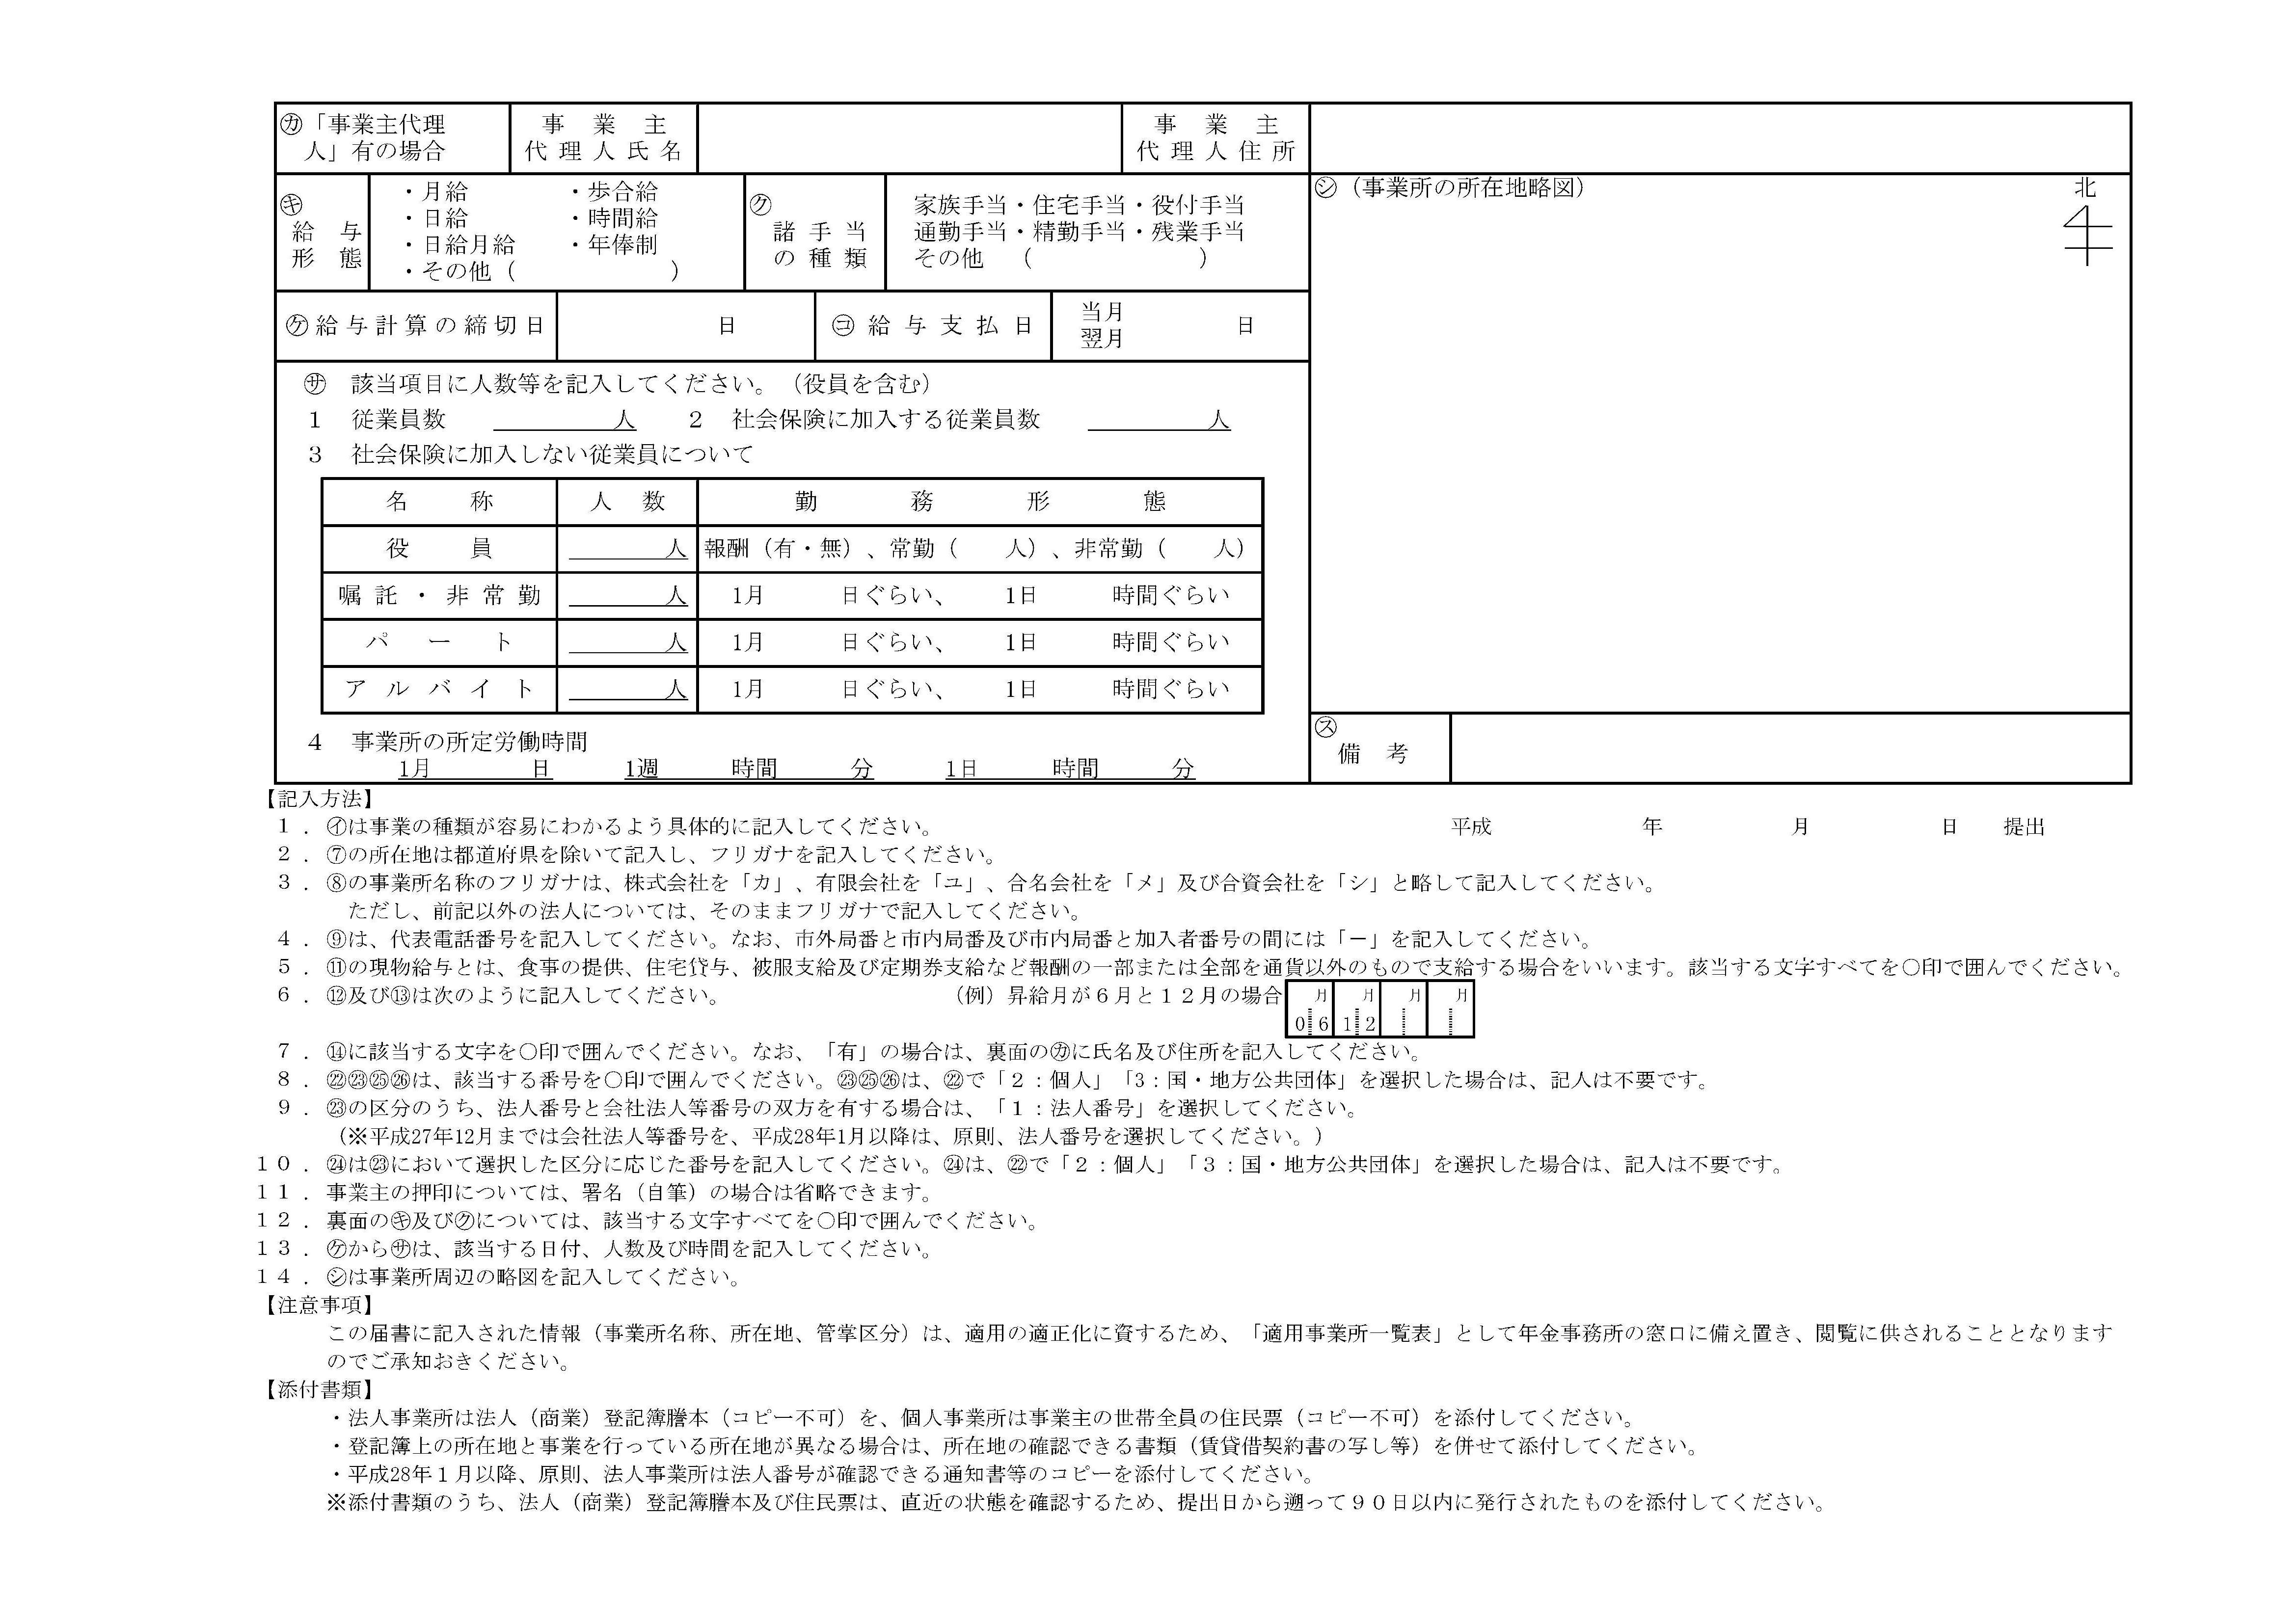 健康保険厚生年金保険新規適用届-2.jpg